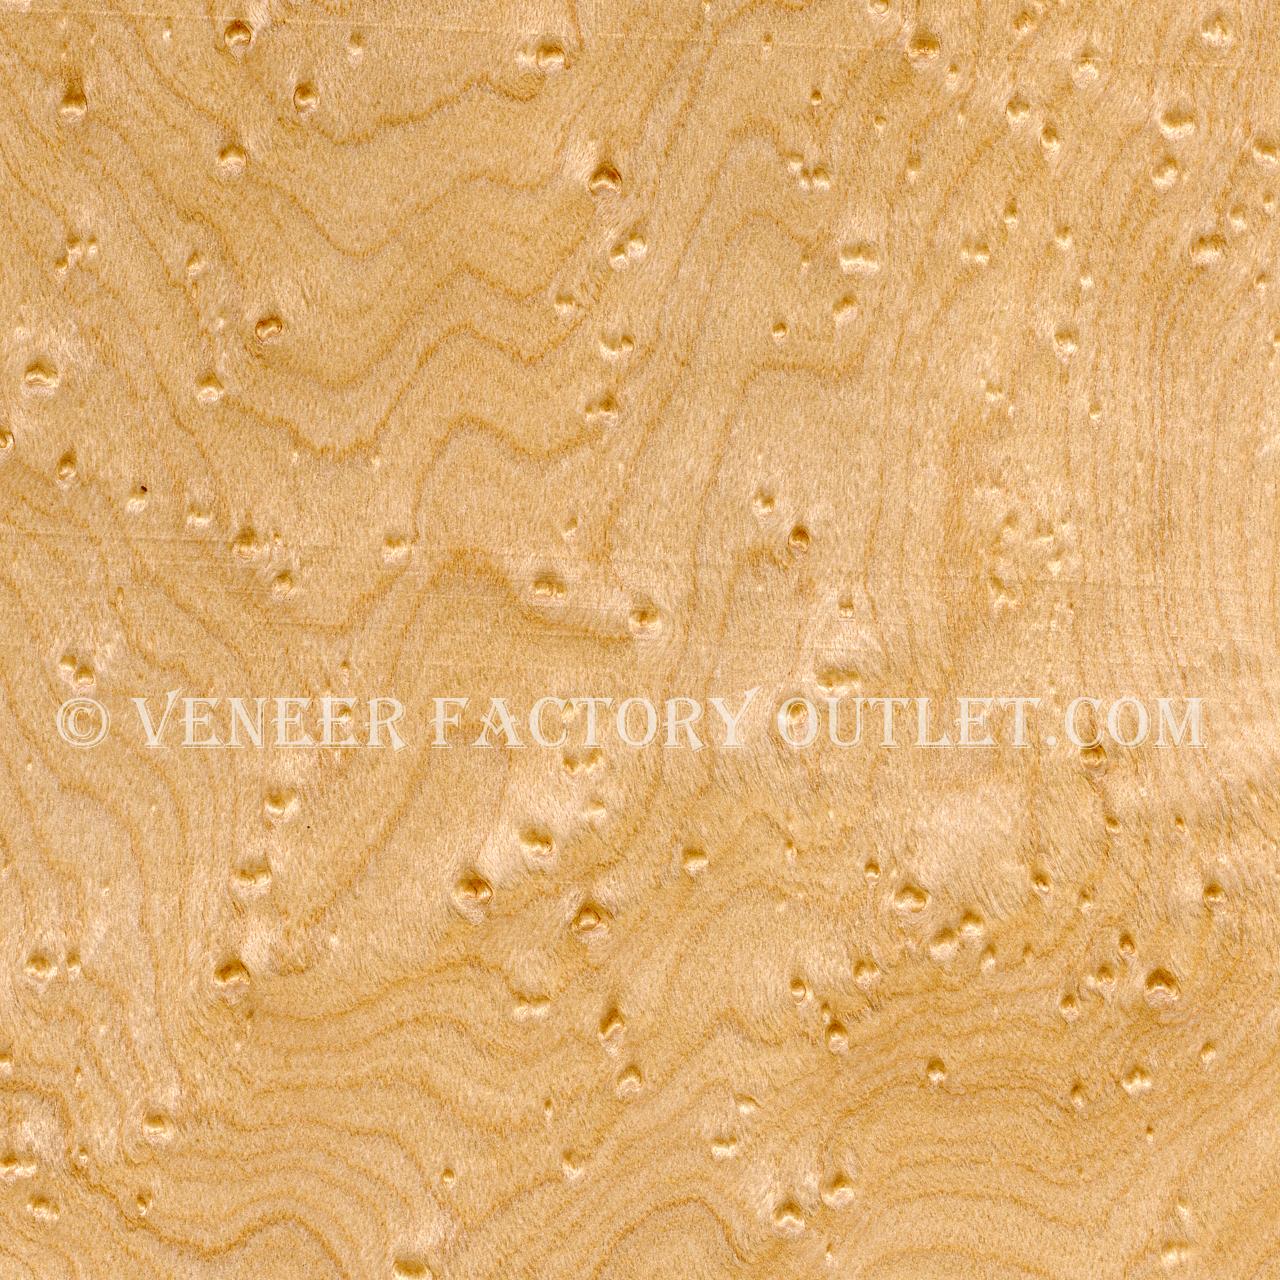 Birdseye maple veneer deals at